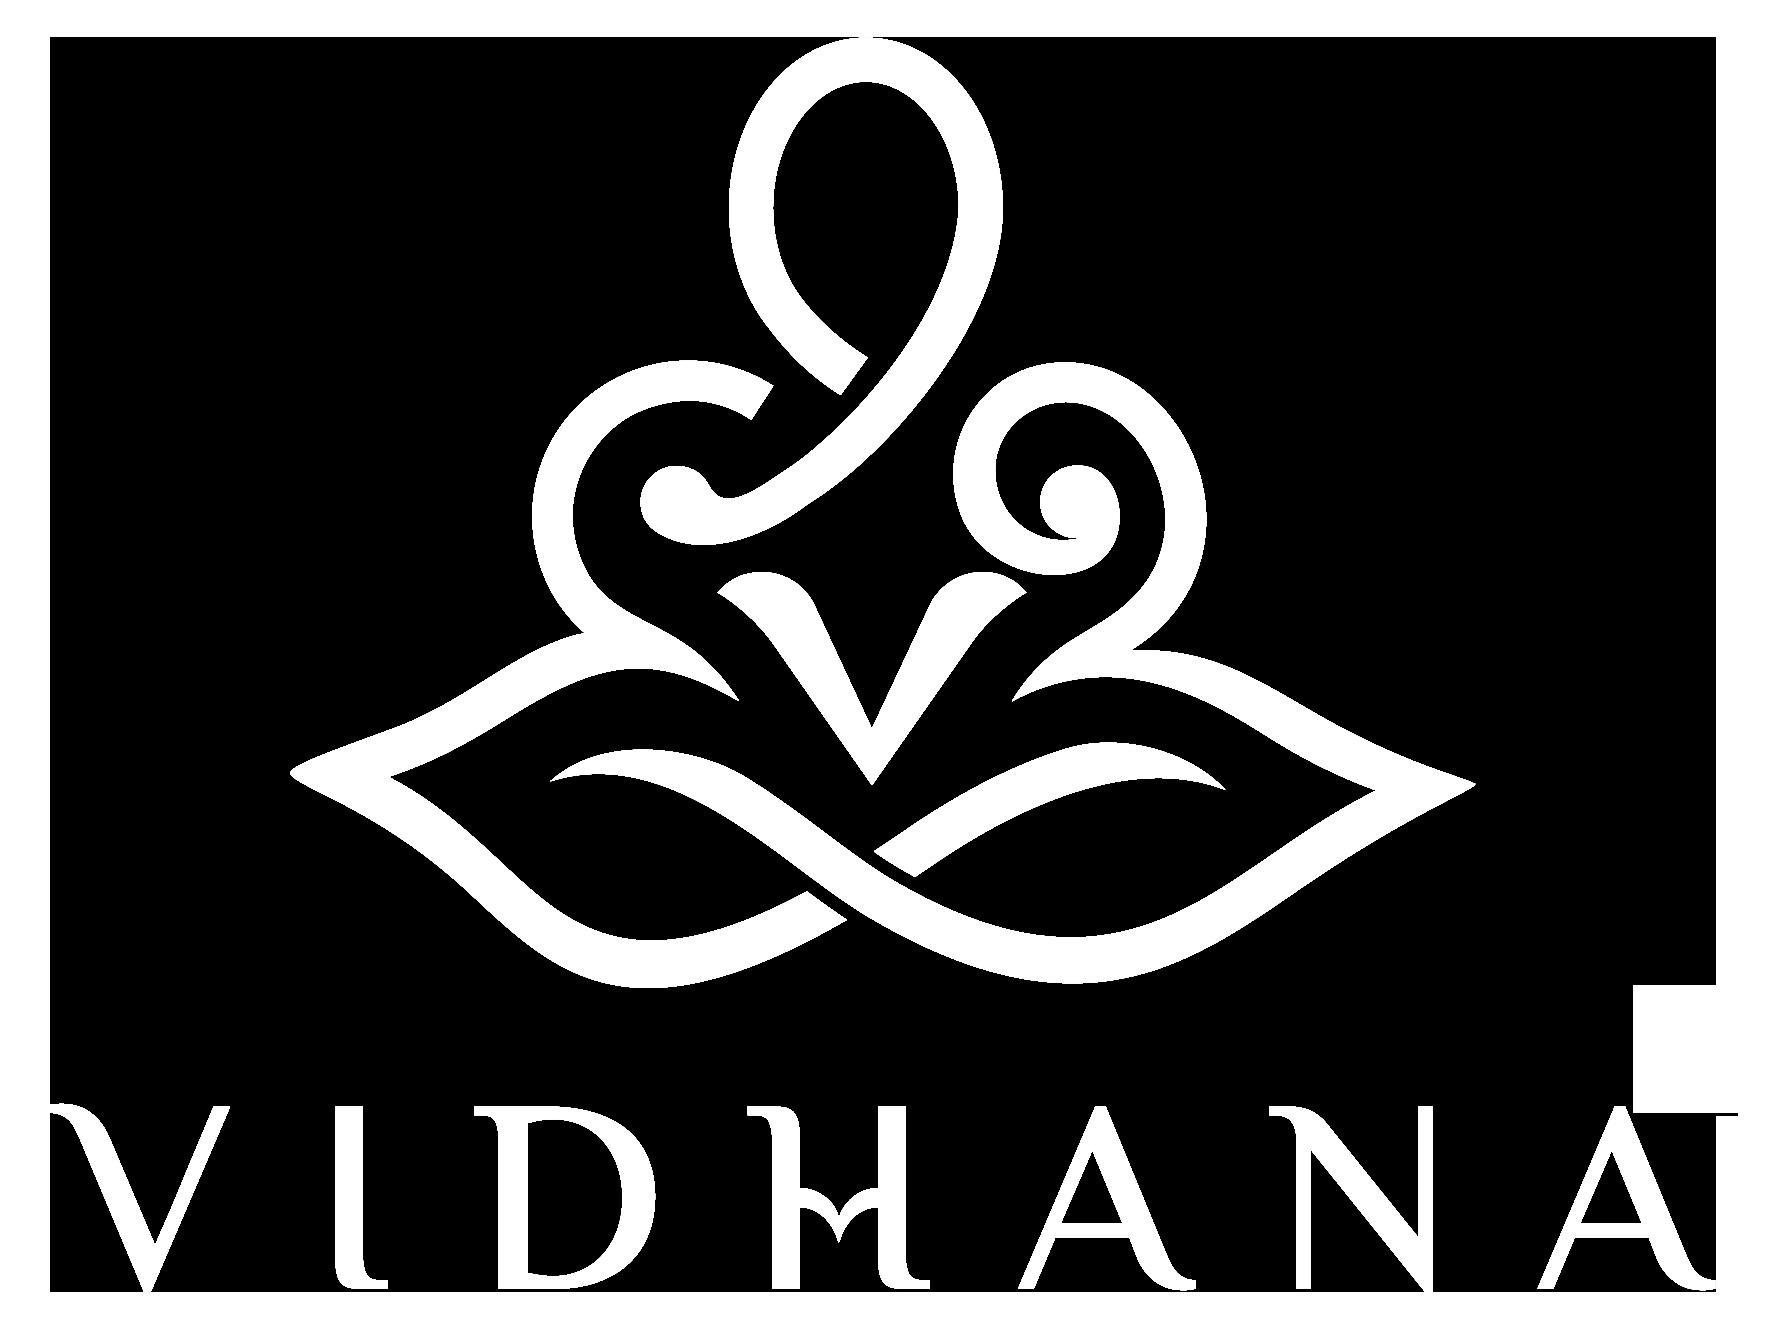 Vidhana